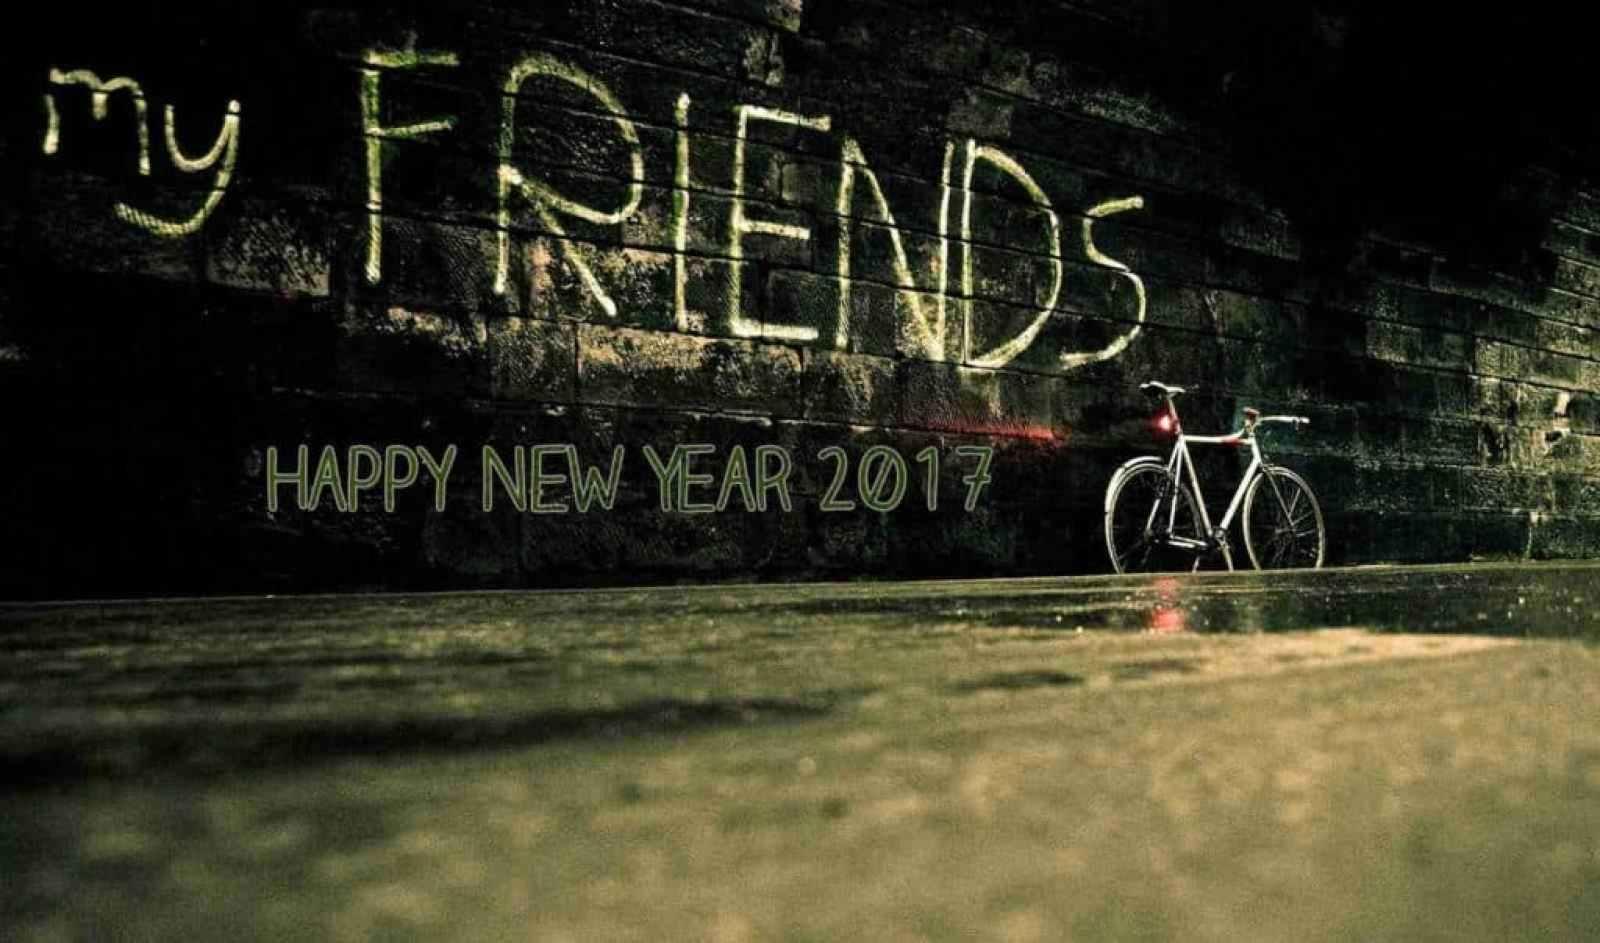 Happy New Year 2017 my friends written on wall